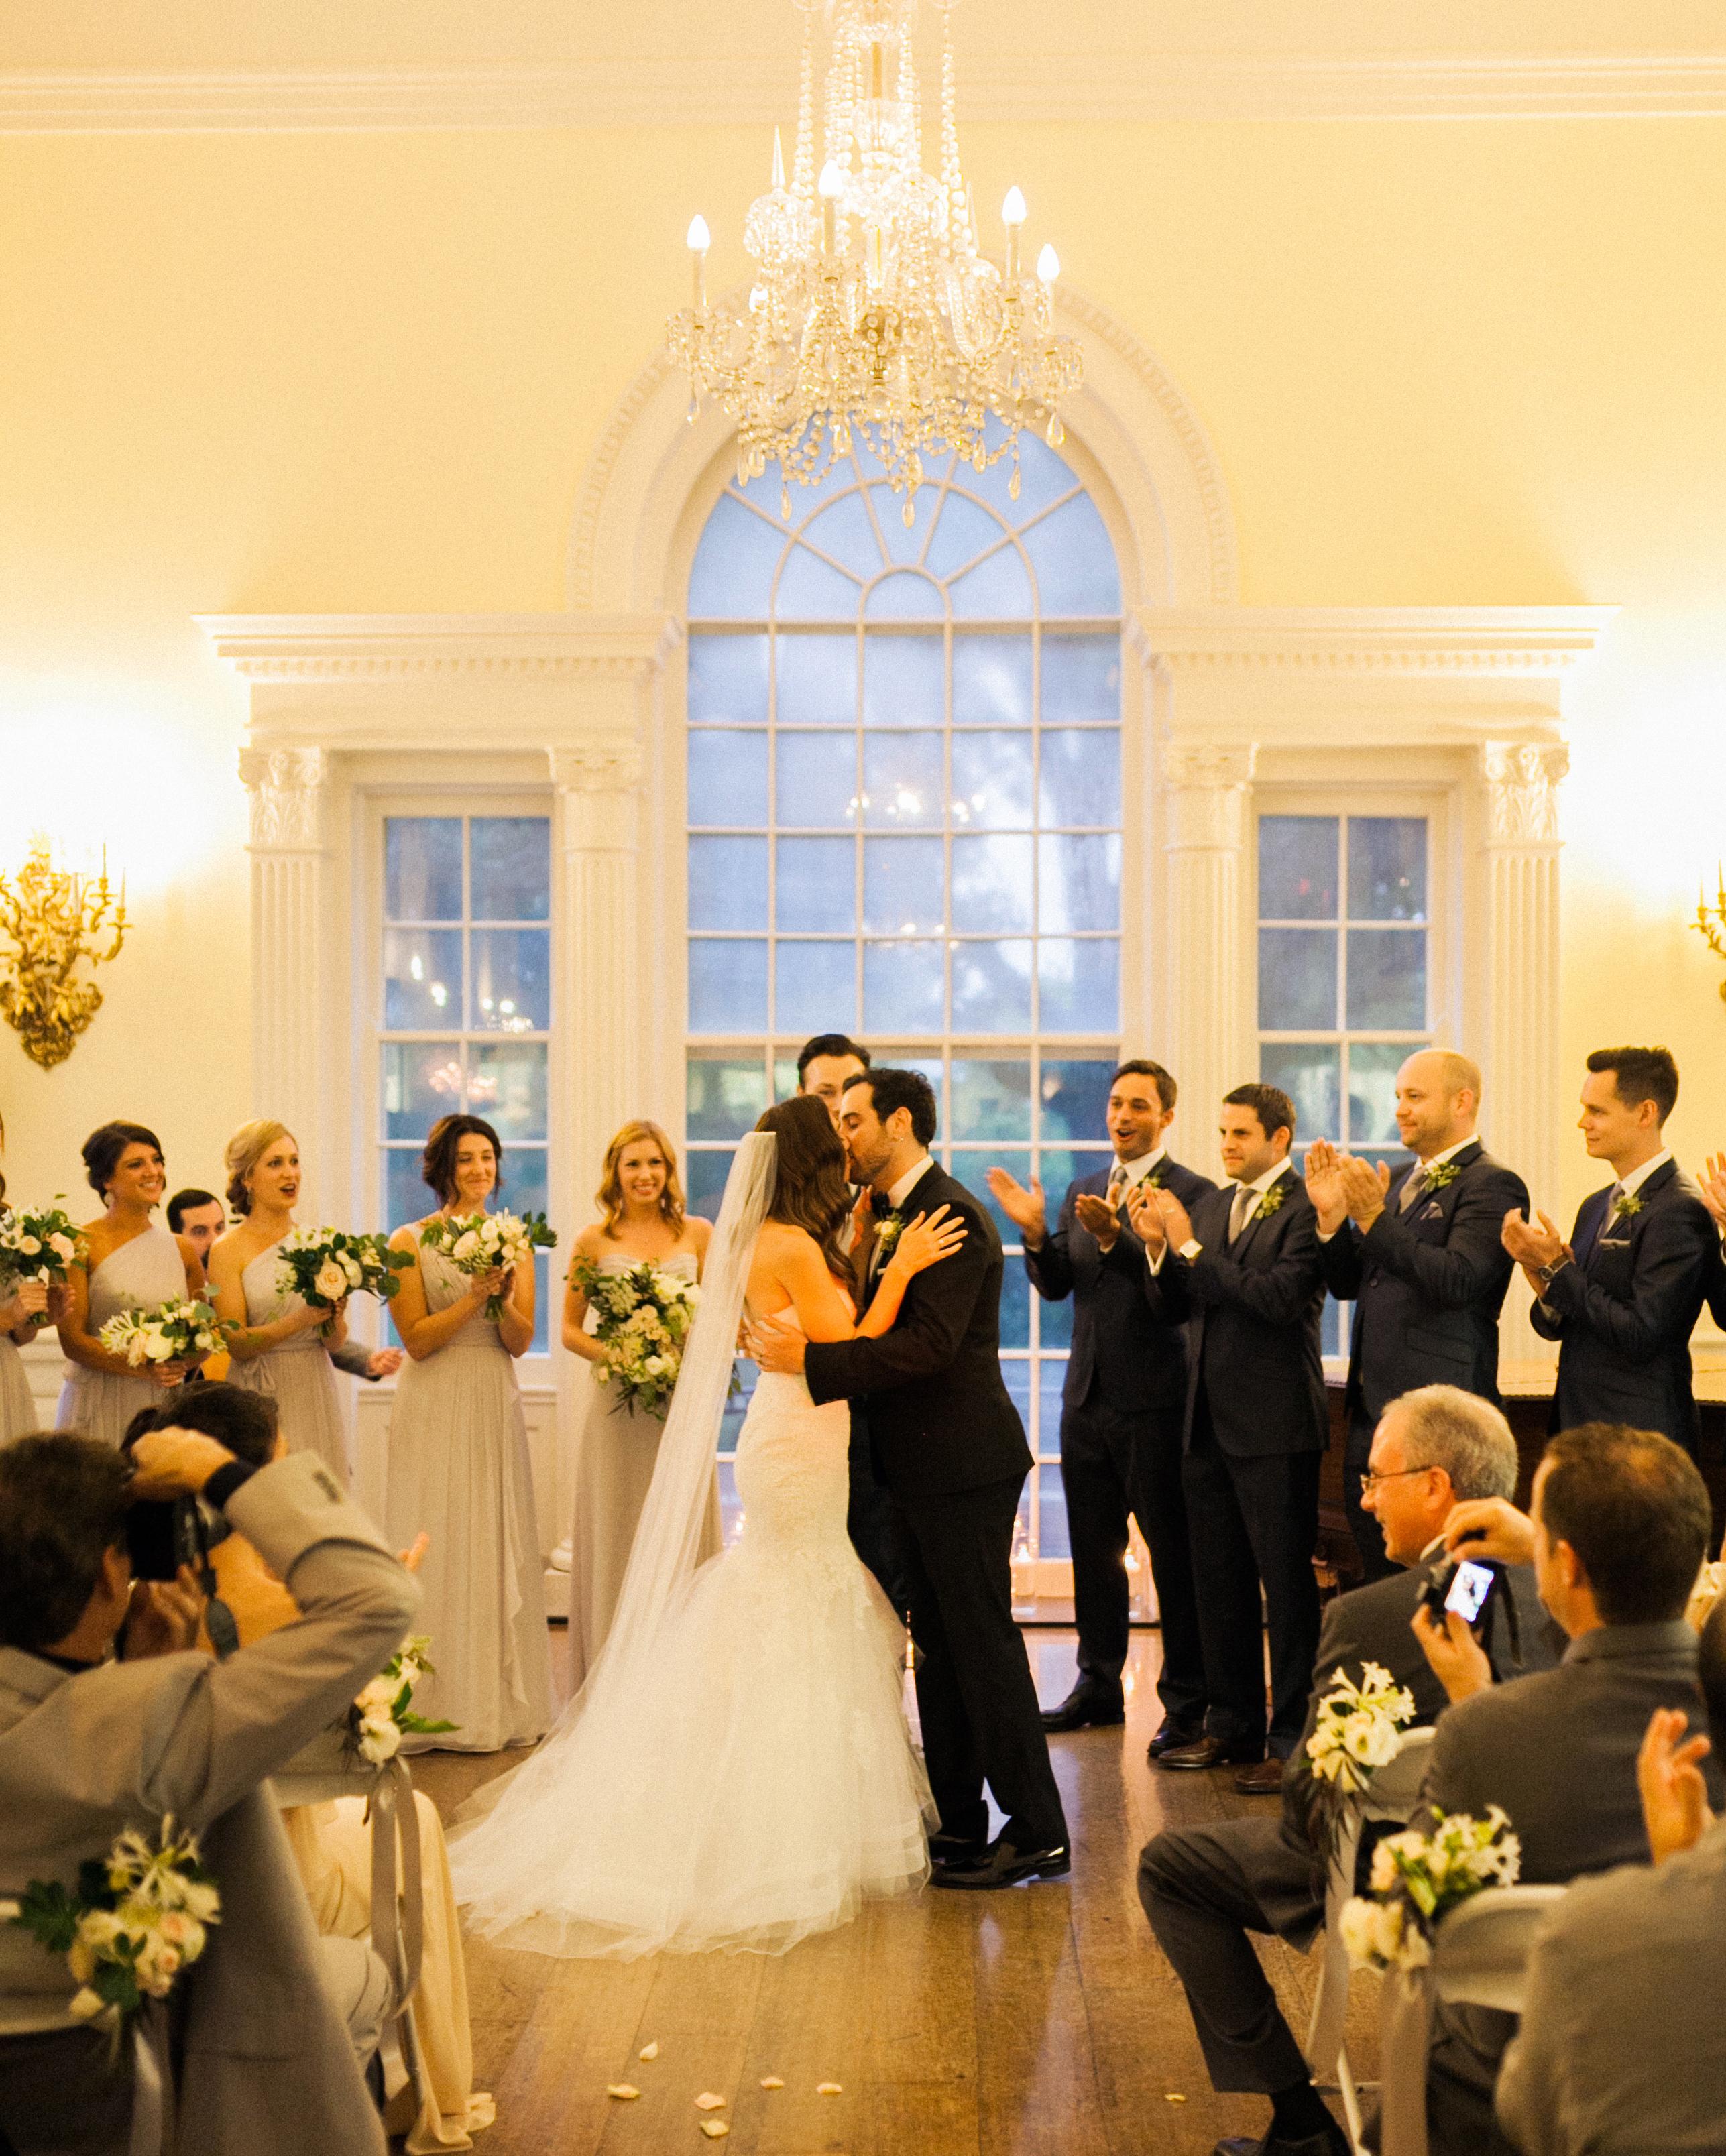 jackie-ross-wedding-ceremony-043-s111775-0215.jpg